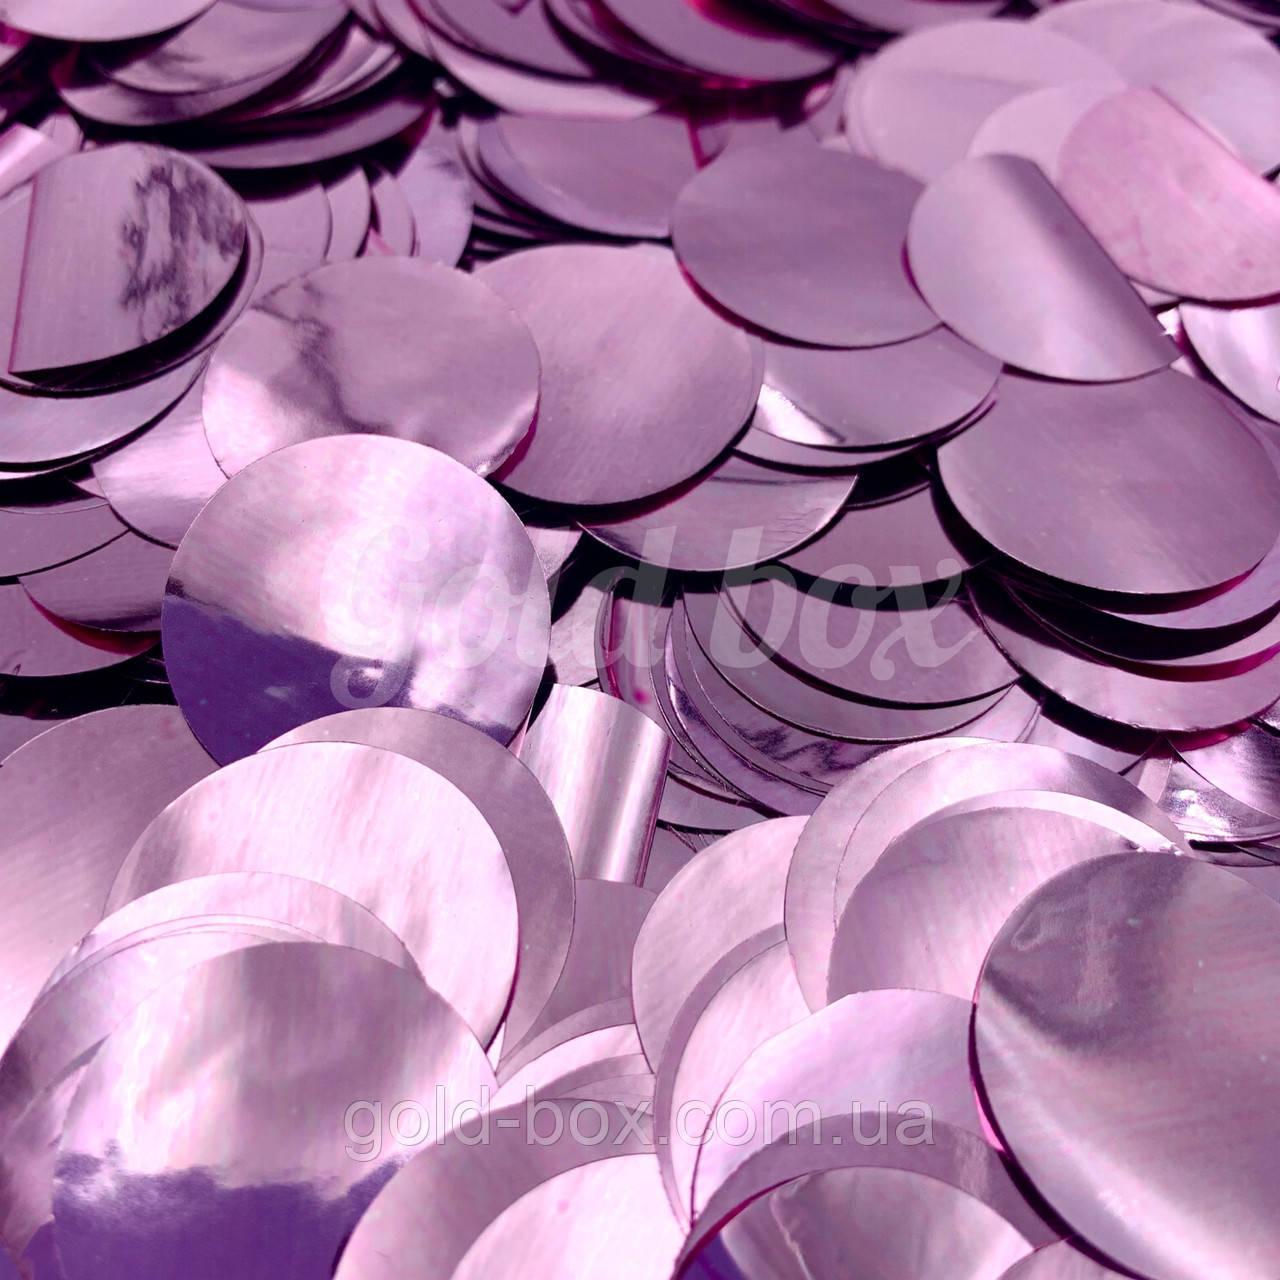 Фольгированные конфетти сиренивые 50грамм 25мм